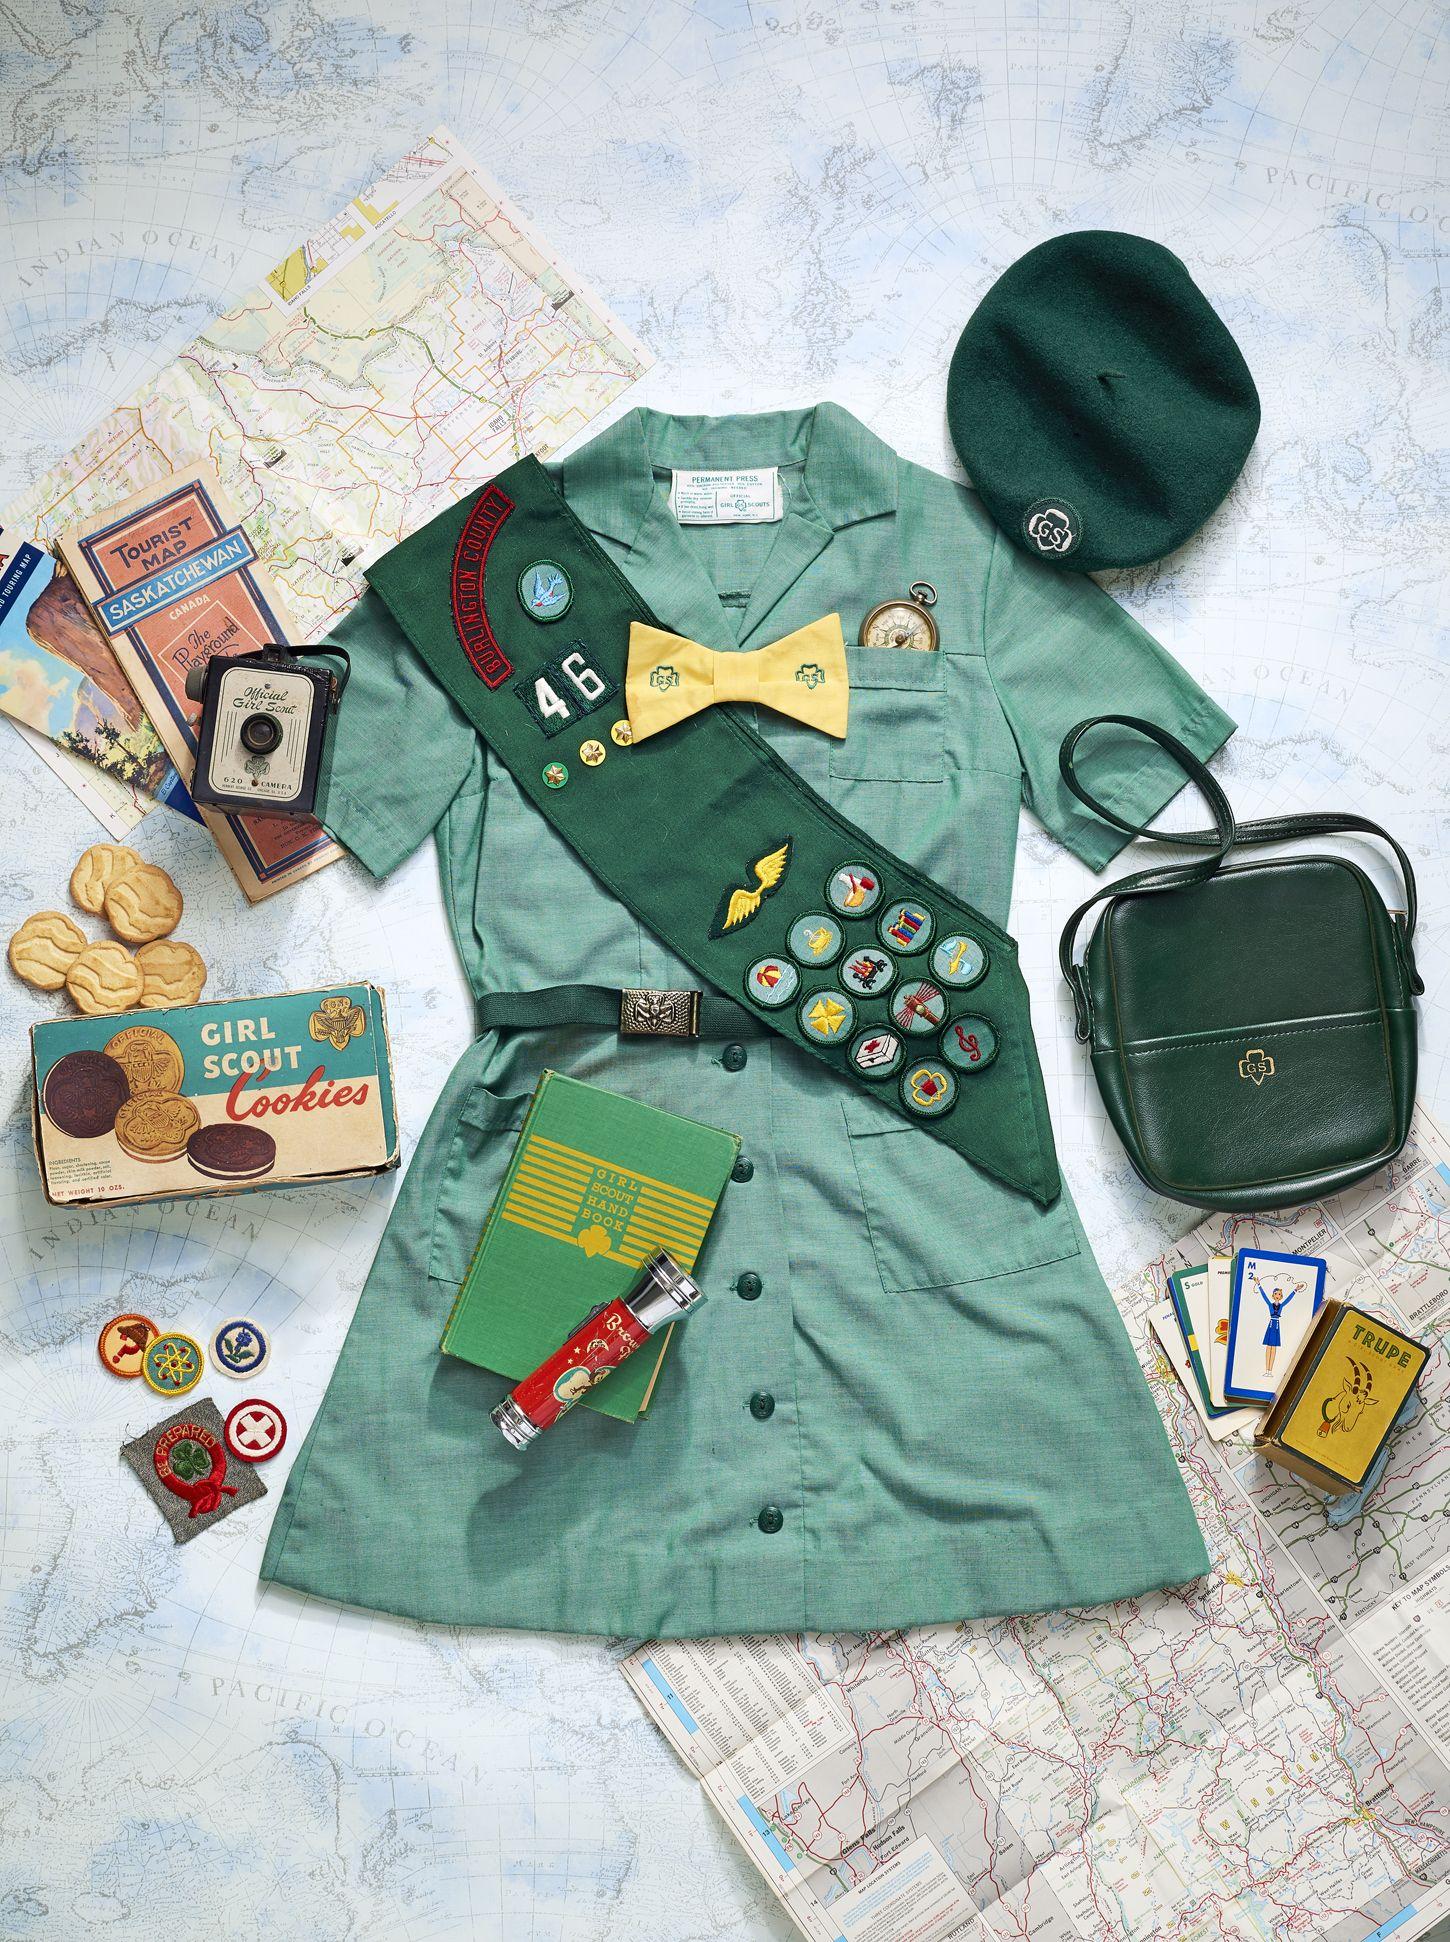 The Collectors Guide To Girl Scouts Memorabilia